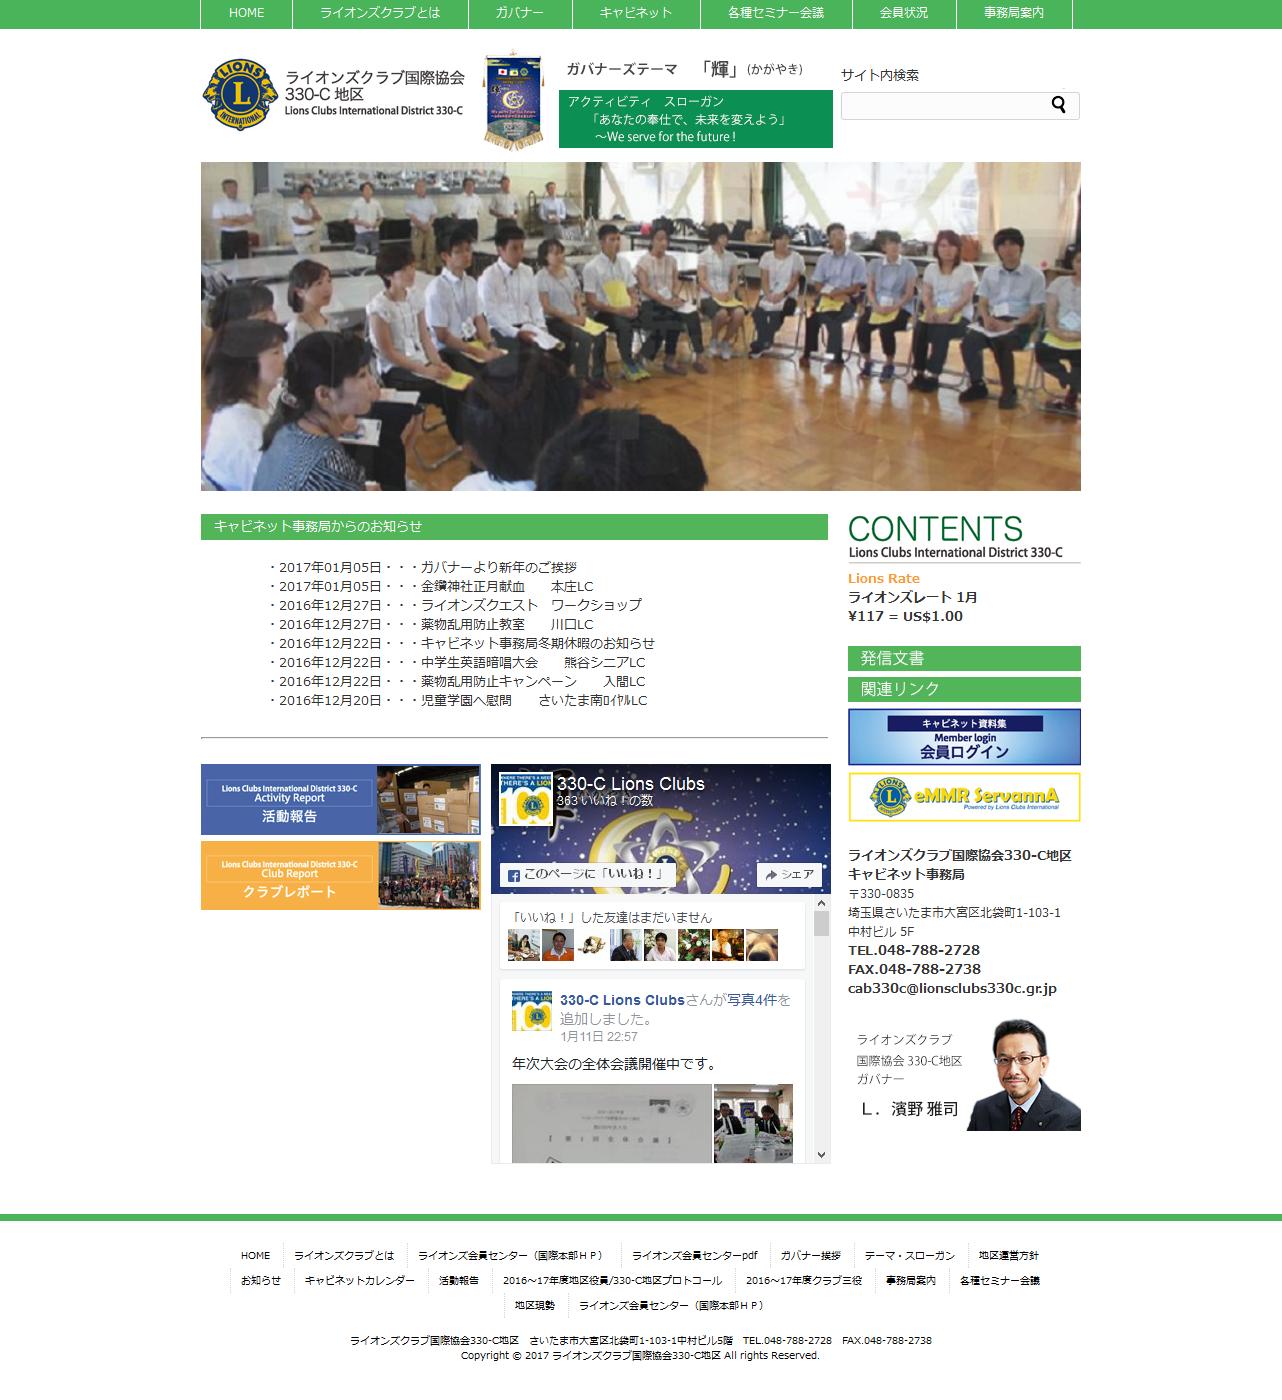 ライオンズクラブ国際協会330C地区様ホームページ_PC表示